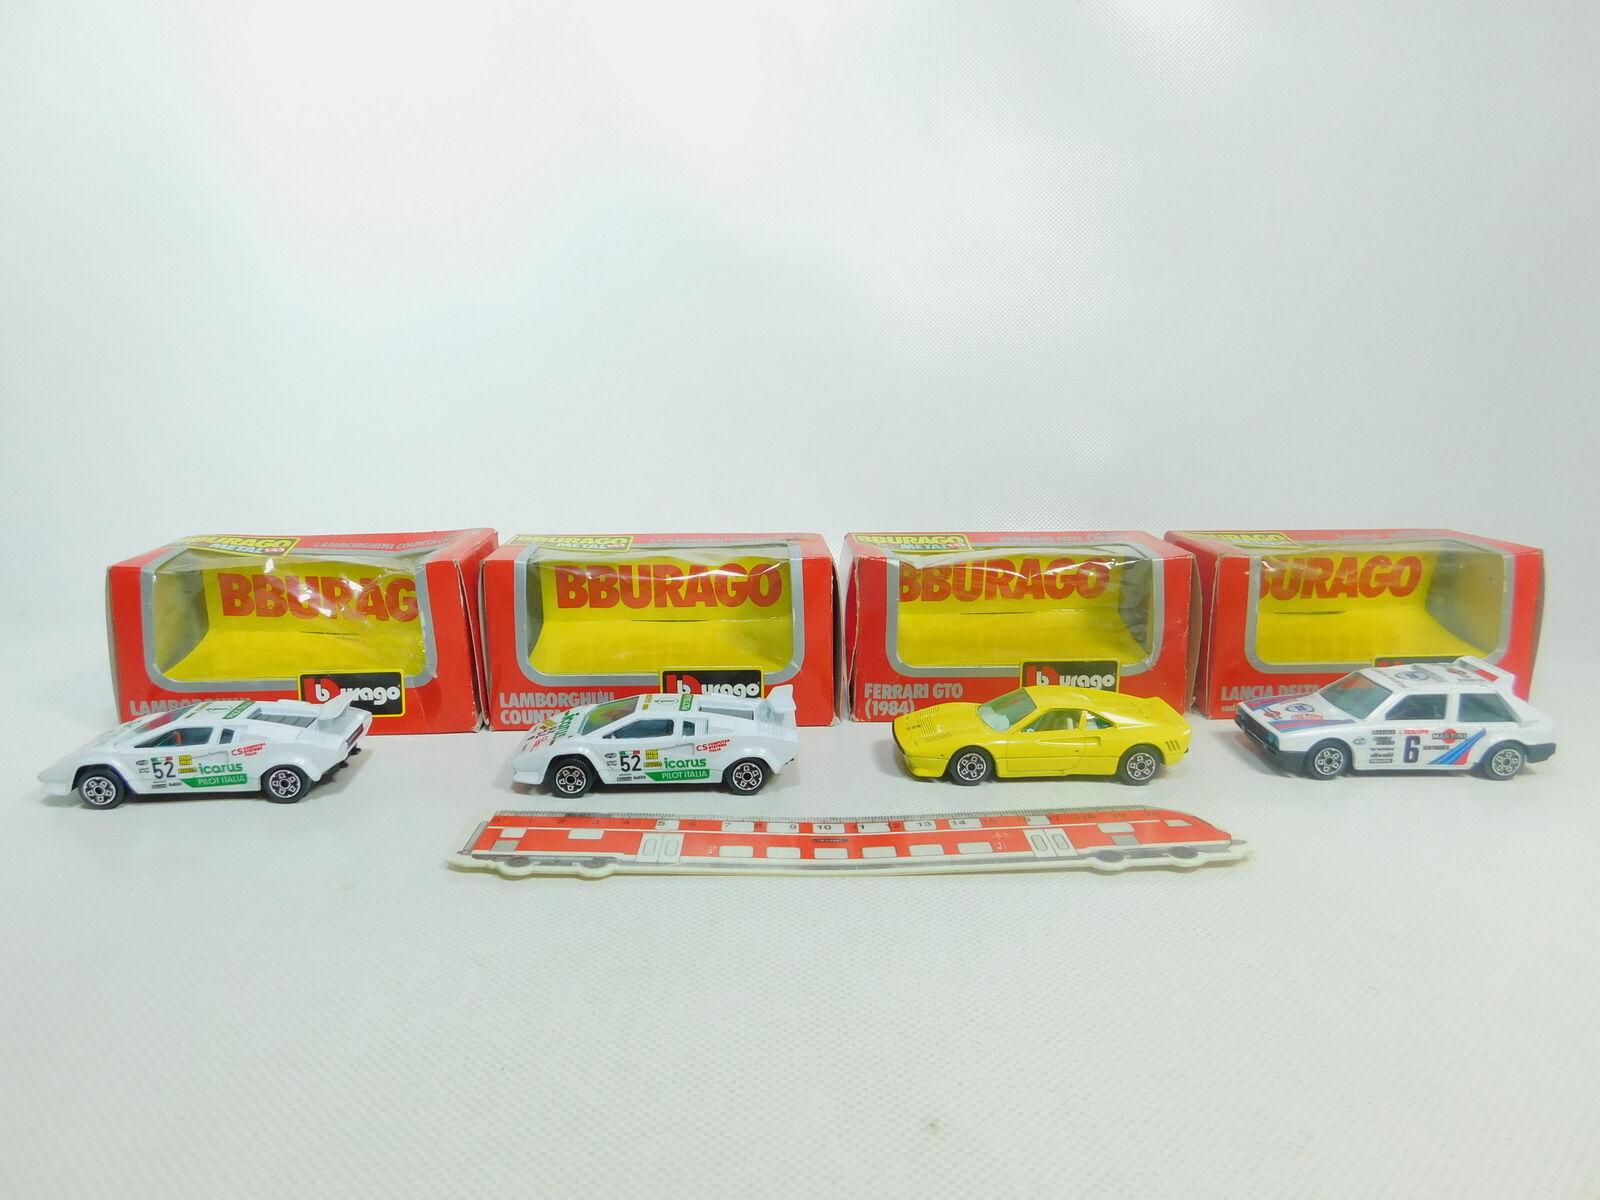 BO889-1x Burago 1 43 Modello    4175 Ferrari+4135 Lancia+4127 Lamborghini, Ovp 4f3e8d